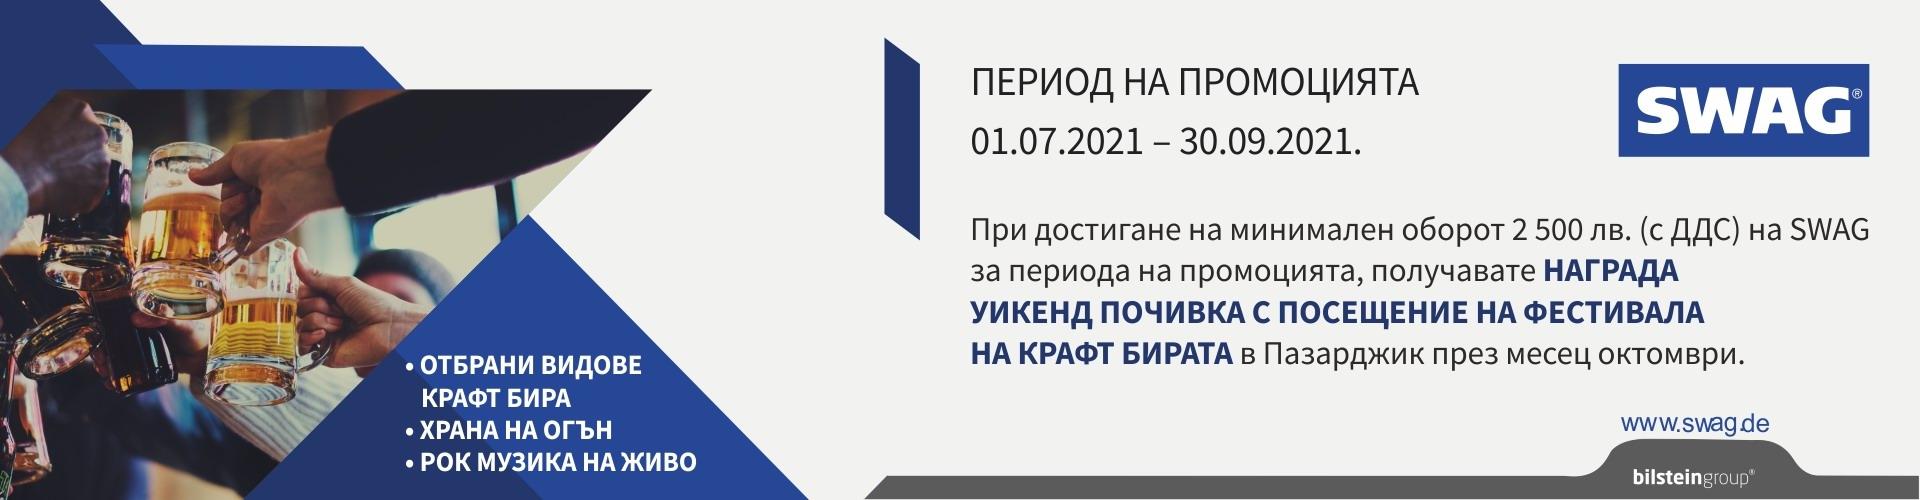 promo_swag_01.07.2021-30.09.2021_banner_.jpg